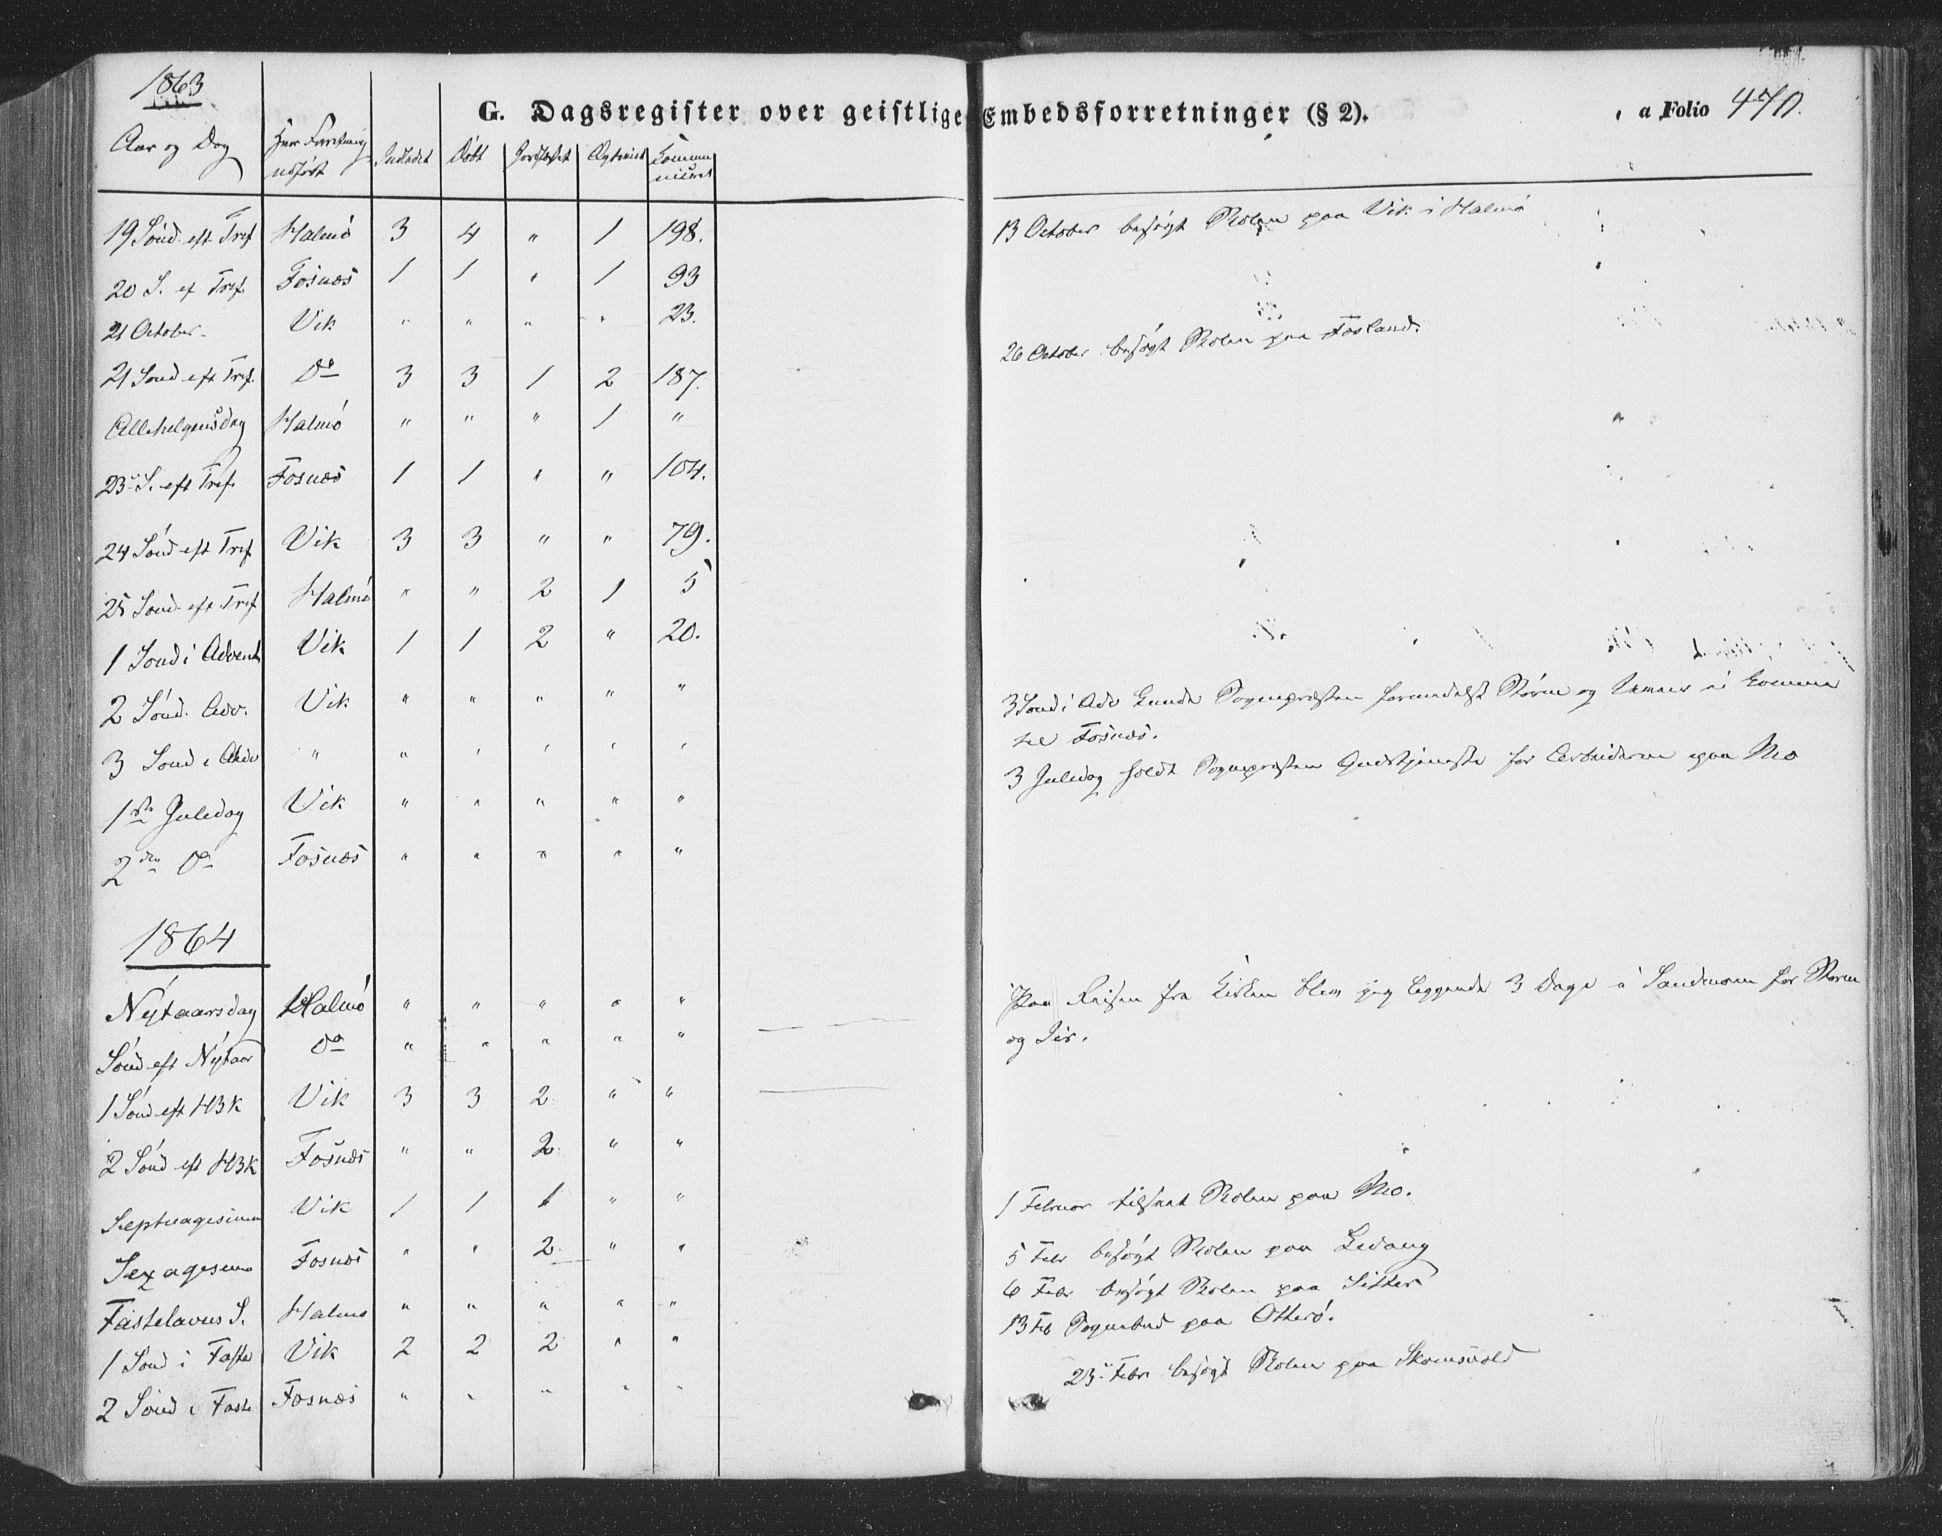 SAT, Ministerialprotokoller, klokkerbøker og fødselsregistre - Nord-Trøndelag, 773/L0615: Ministerialbok nr. 773A06, 1857-1870, s. 470